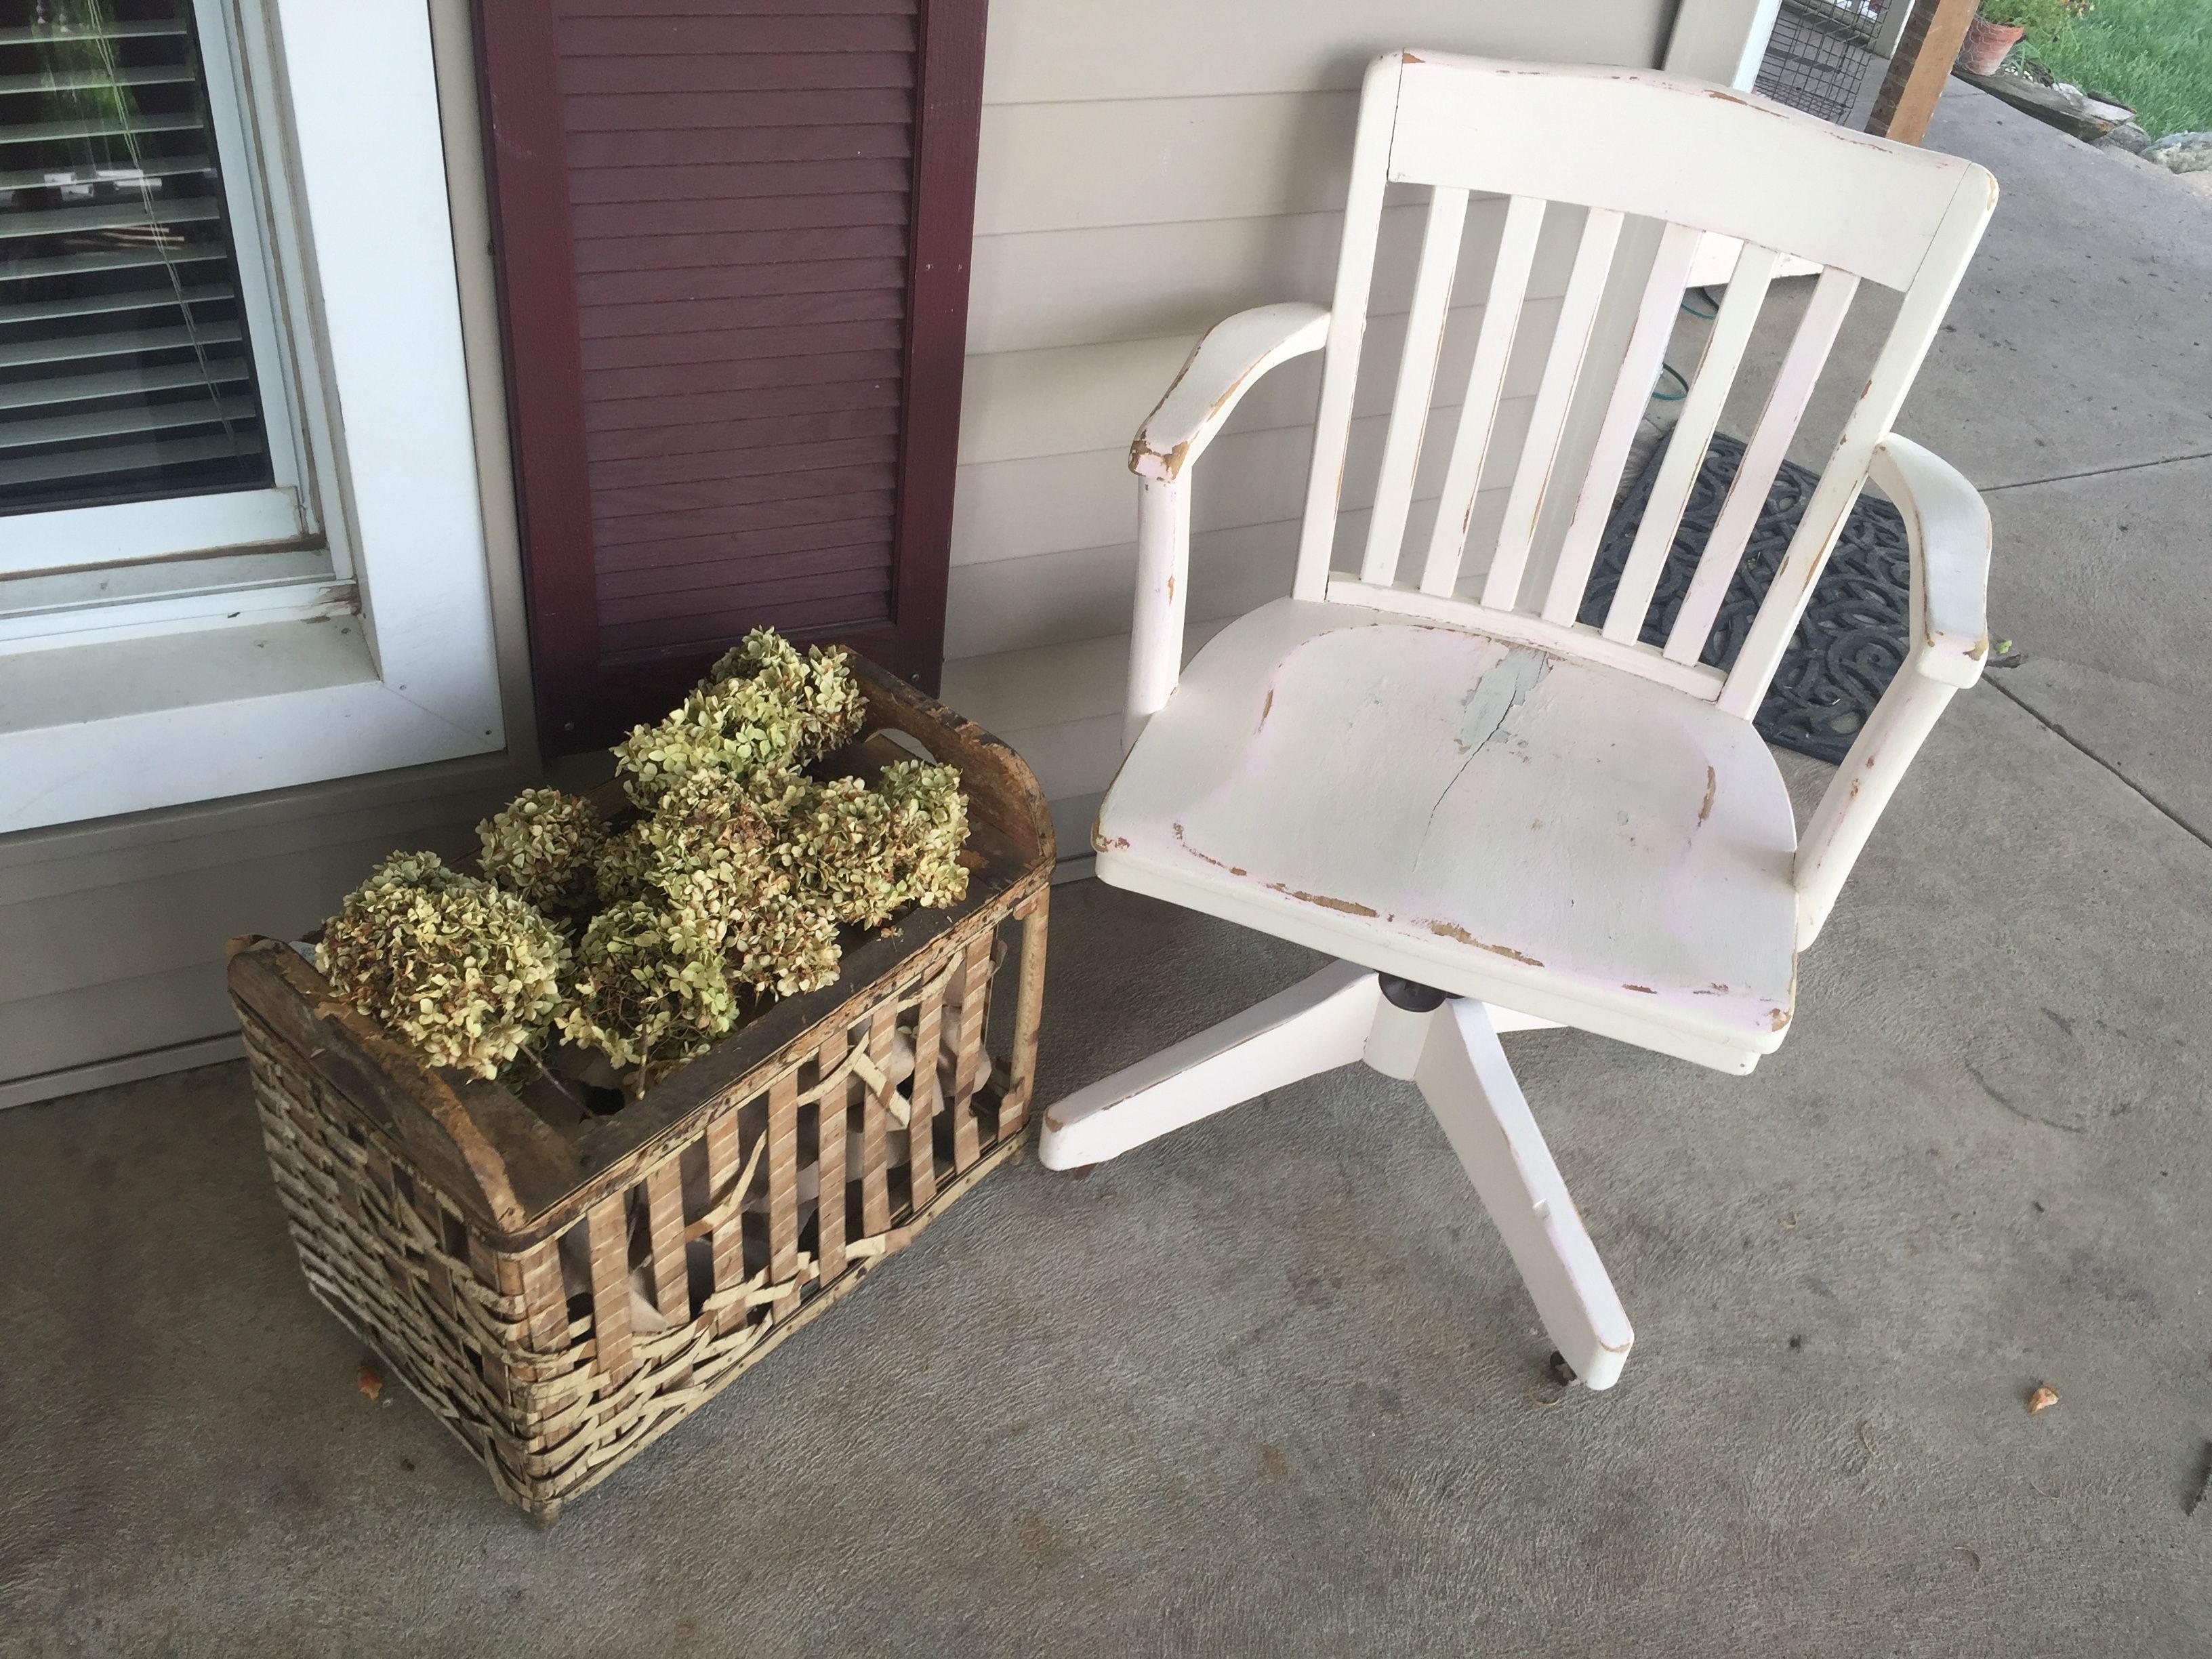 Etonnant Library Chair Redo Antique Hamper With Hydrangeas